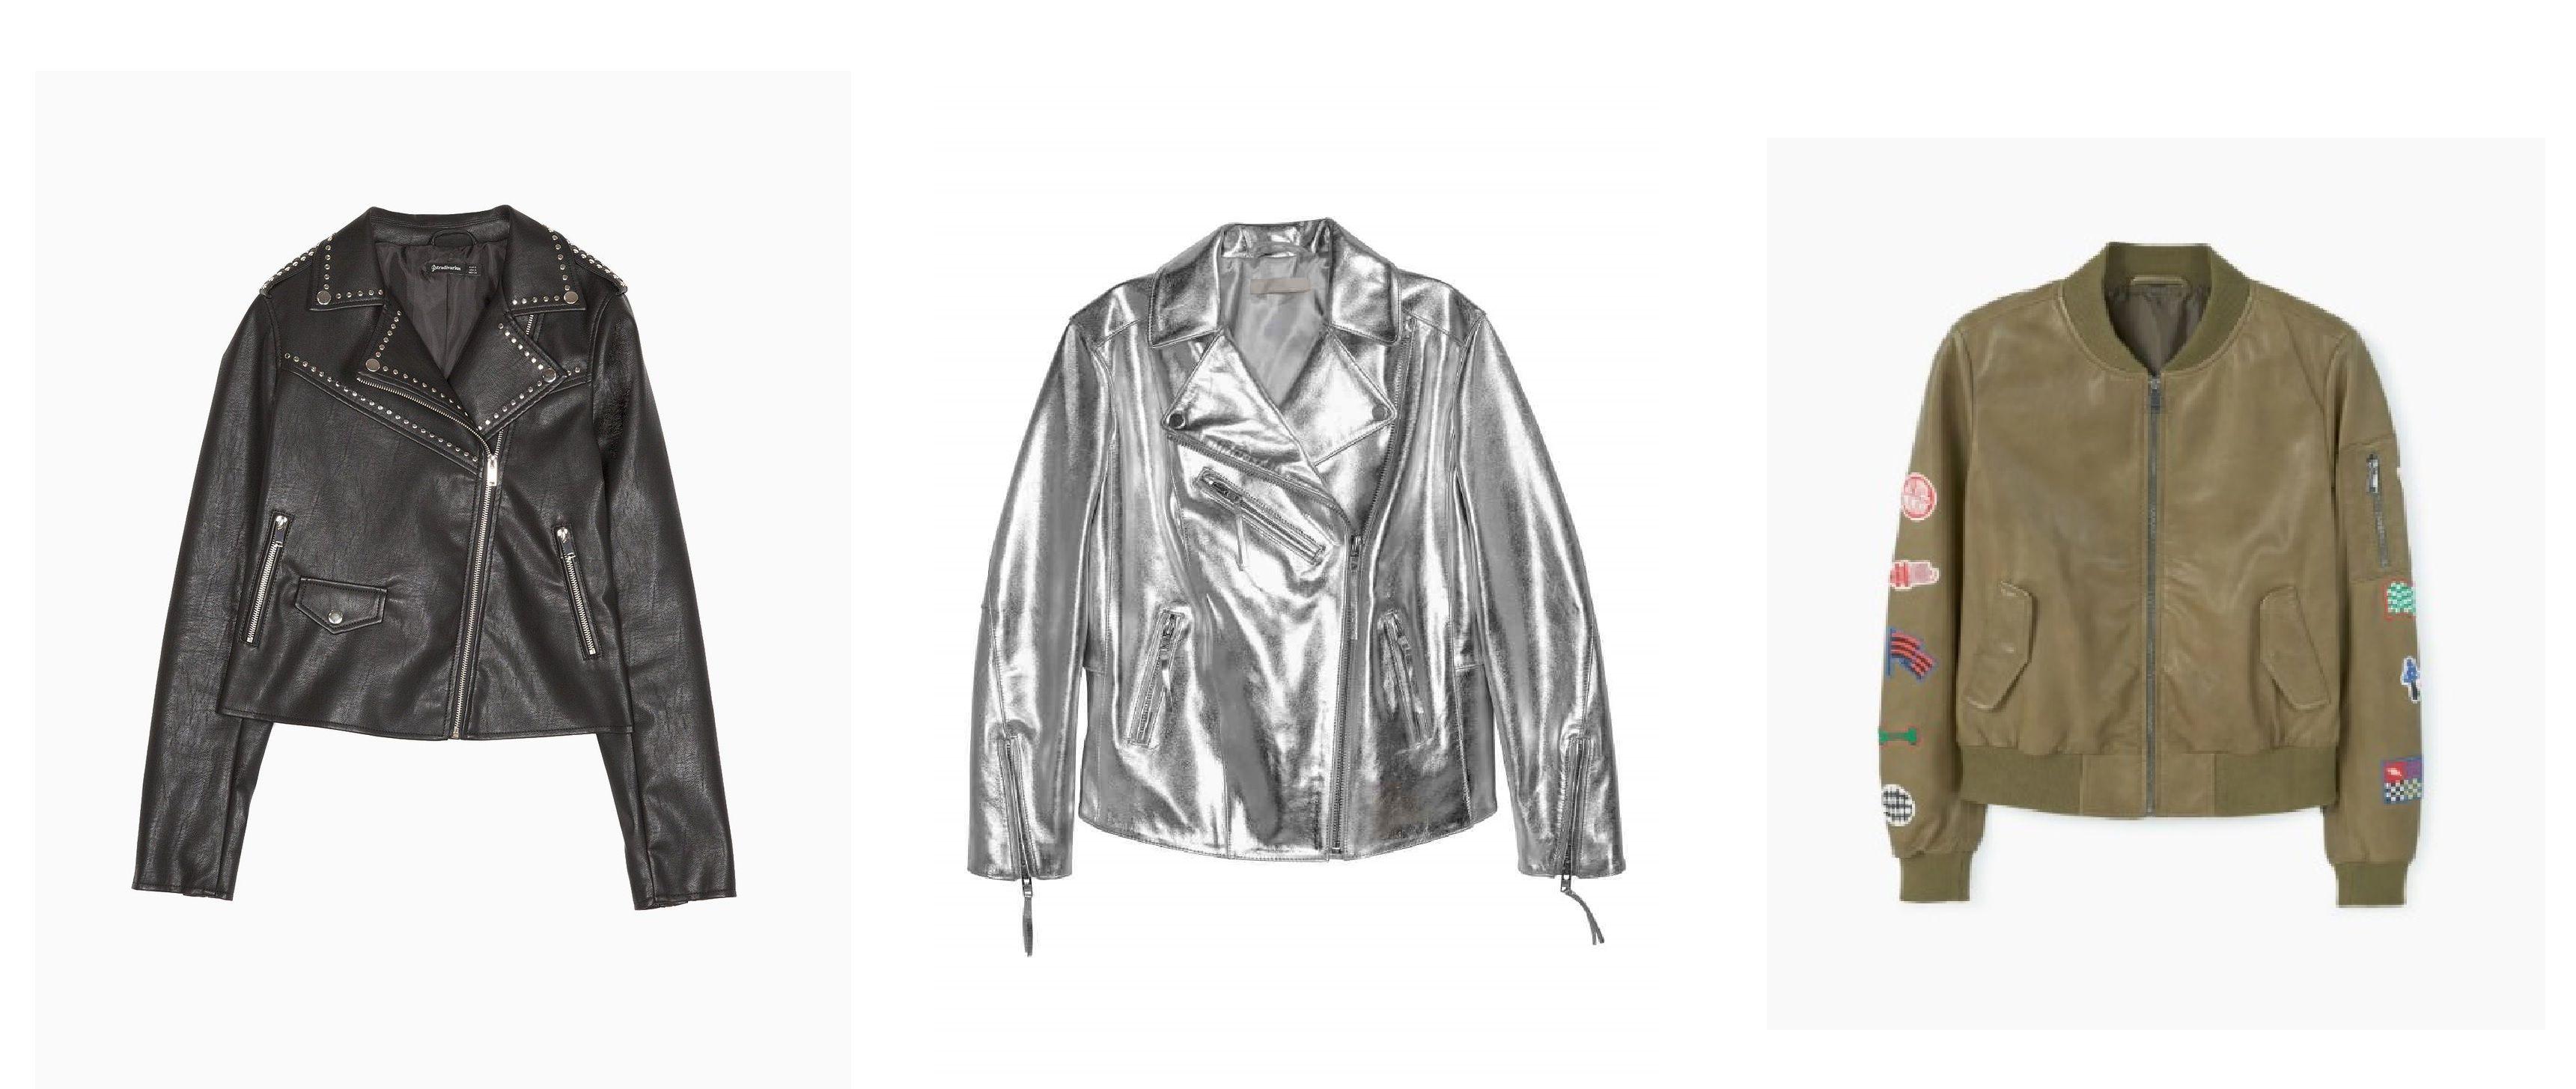 Sve samo ne klasične kožne jakne